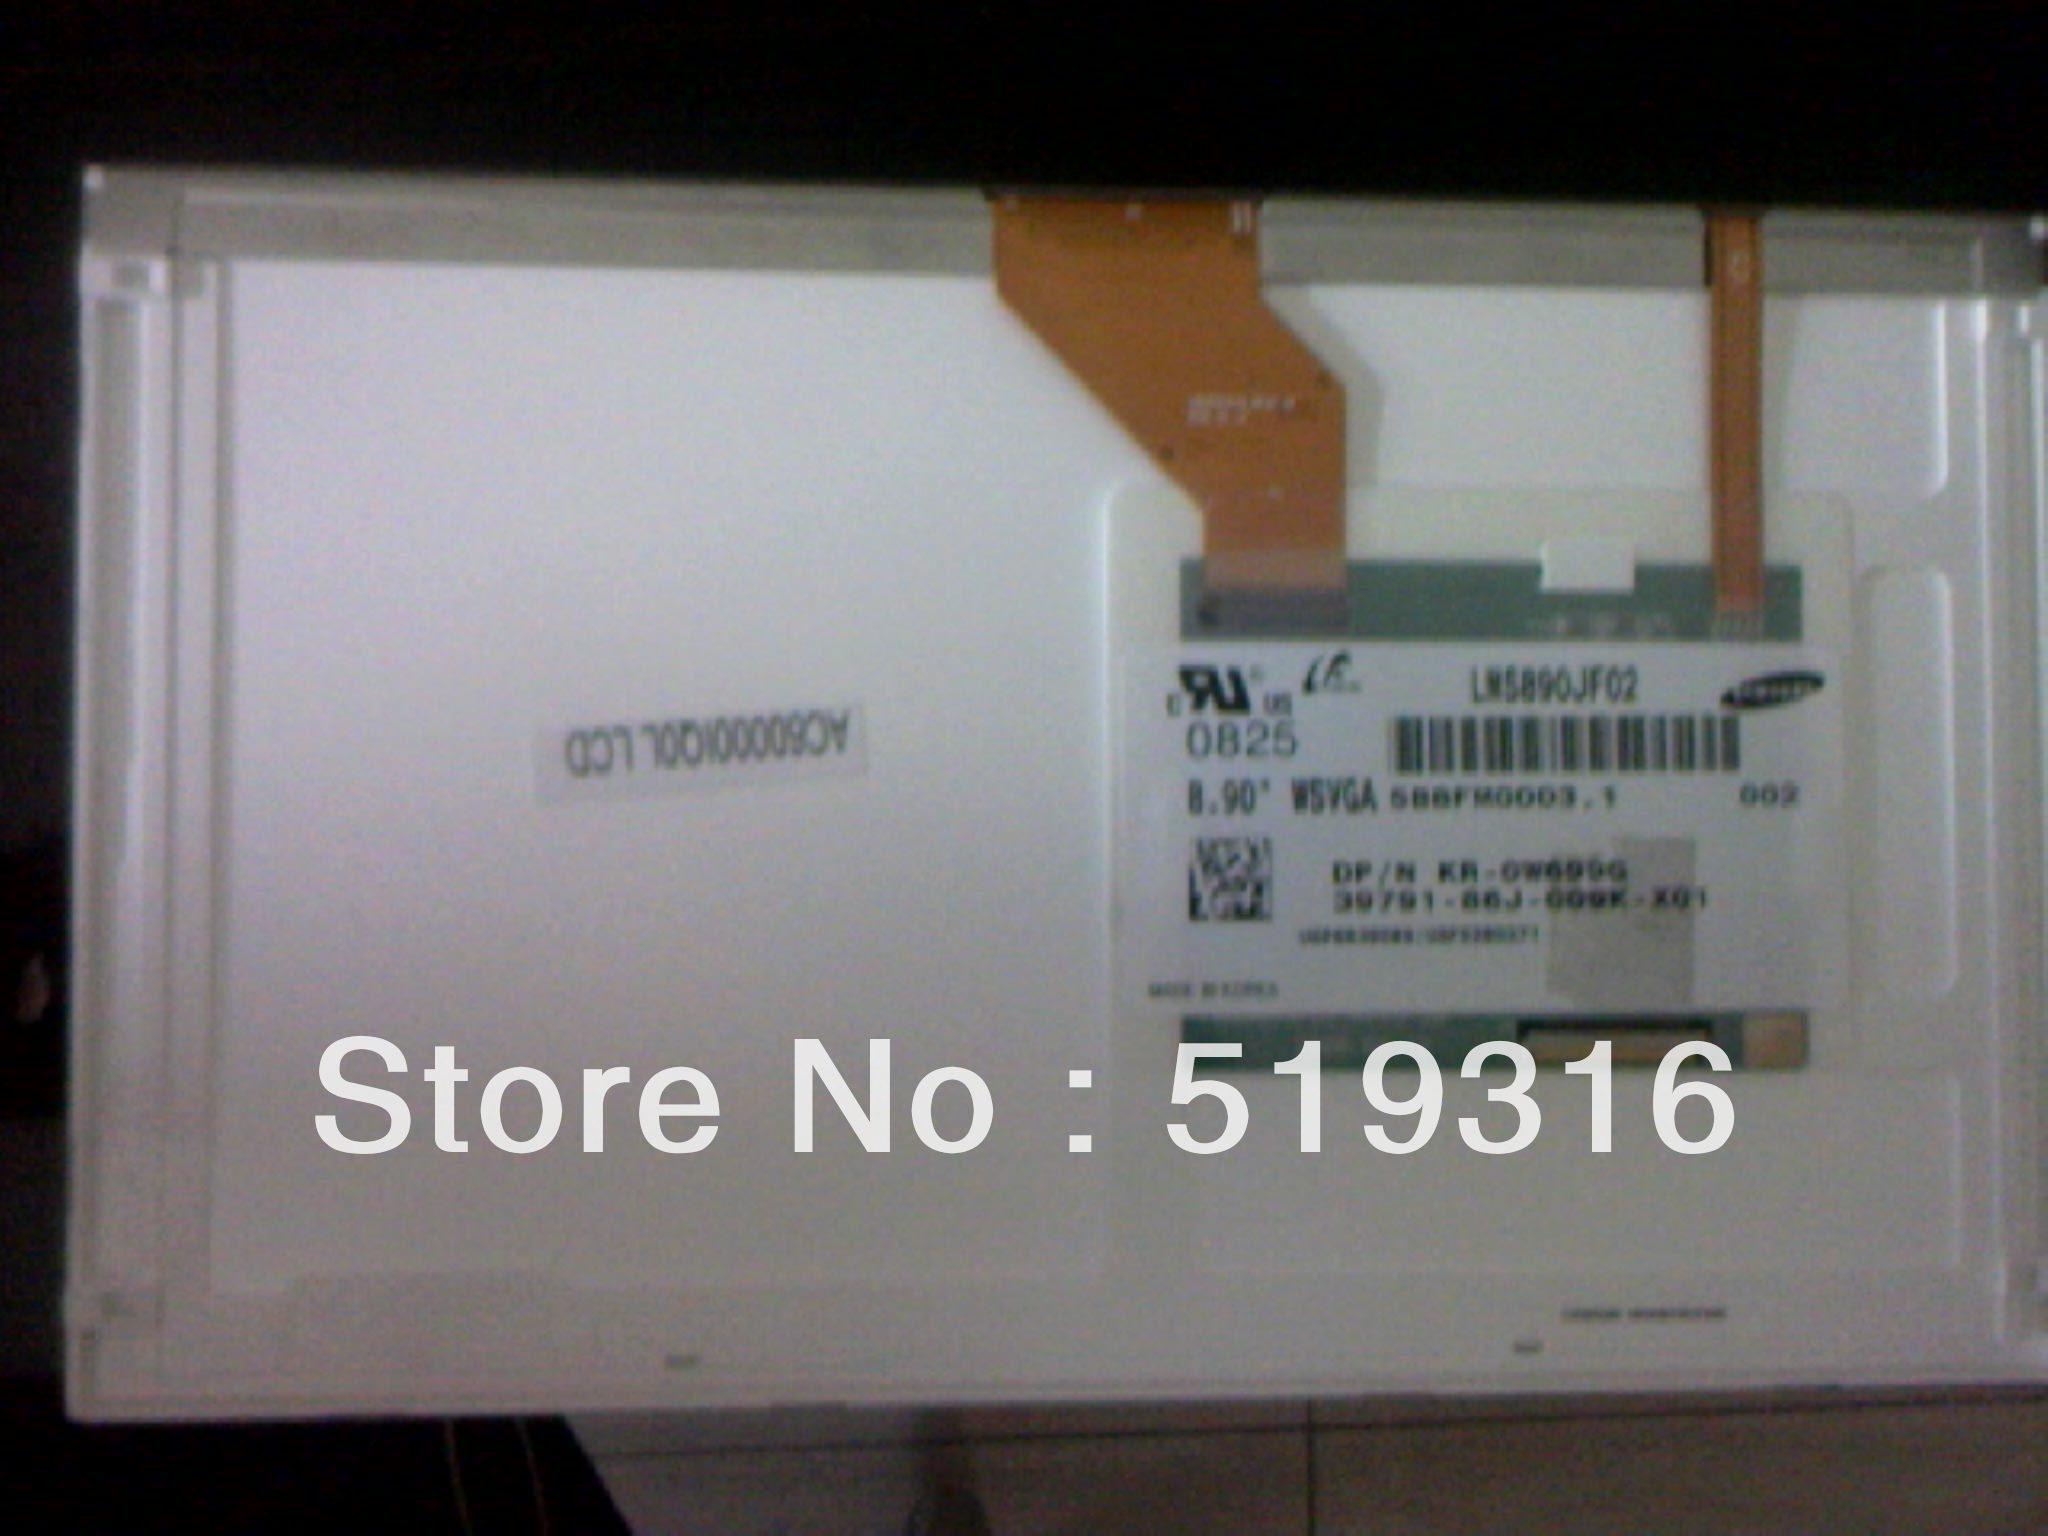 Ltn089nt01 lms890jf02 Display screen bodenschatz bz 8 089 jm 01